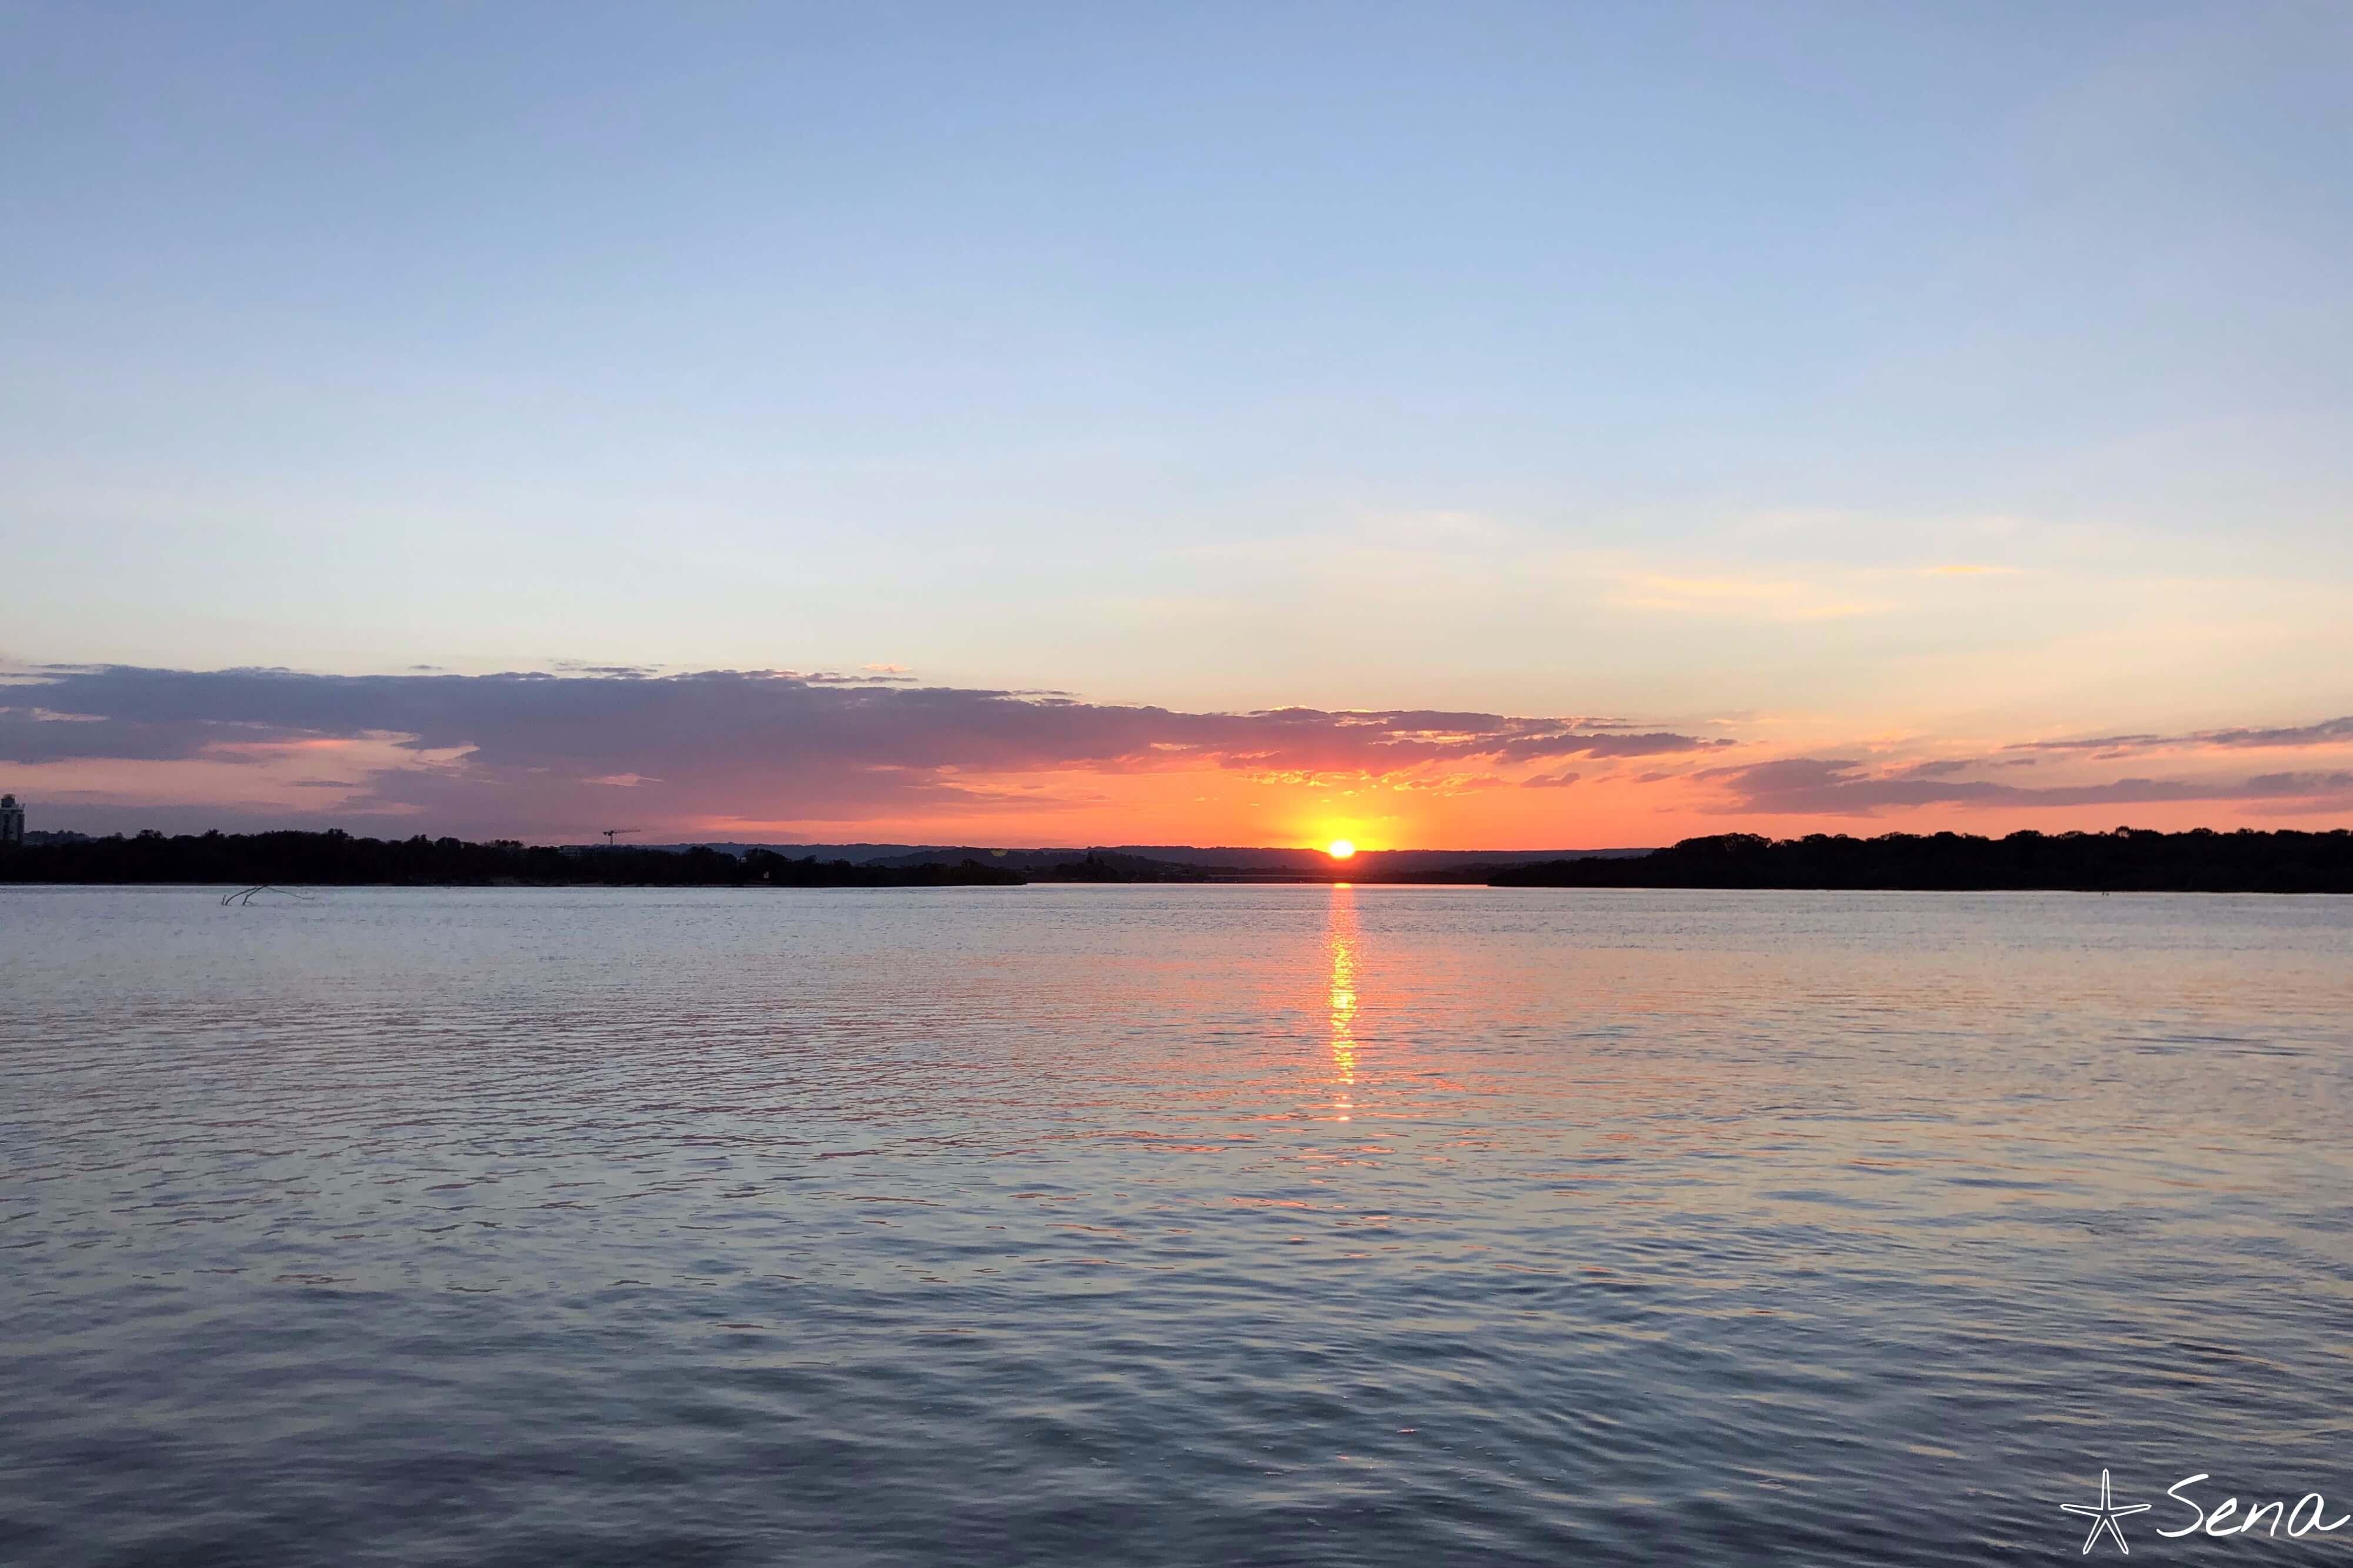 オーストラリア ノースショア 夕日